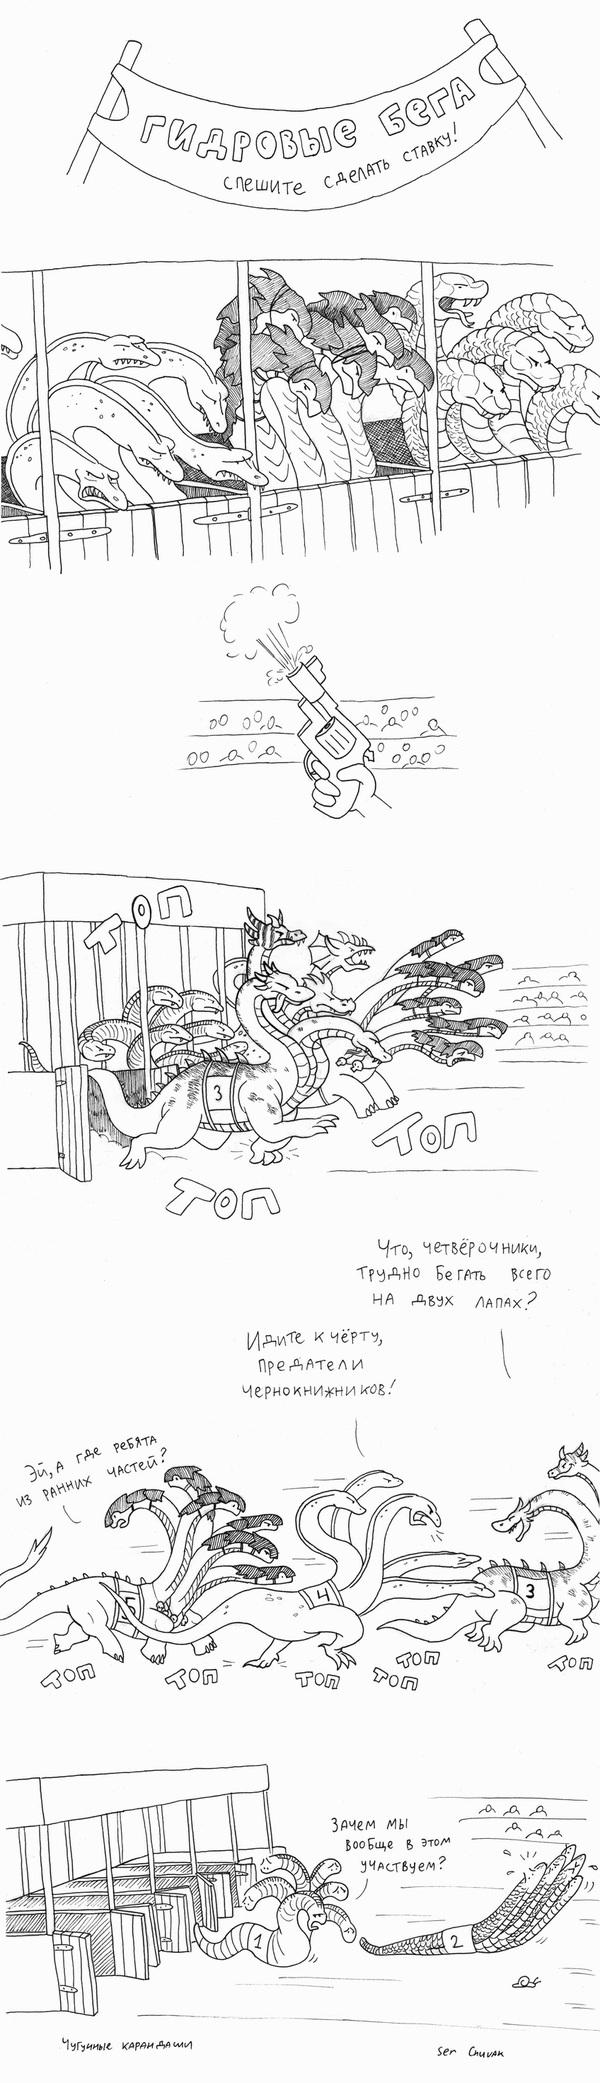 Геройско-гидровое Комиксы, SerChuvak, Чугунные карандаши, Герои меча и магии, Гидра, Гонки, Длиннопост